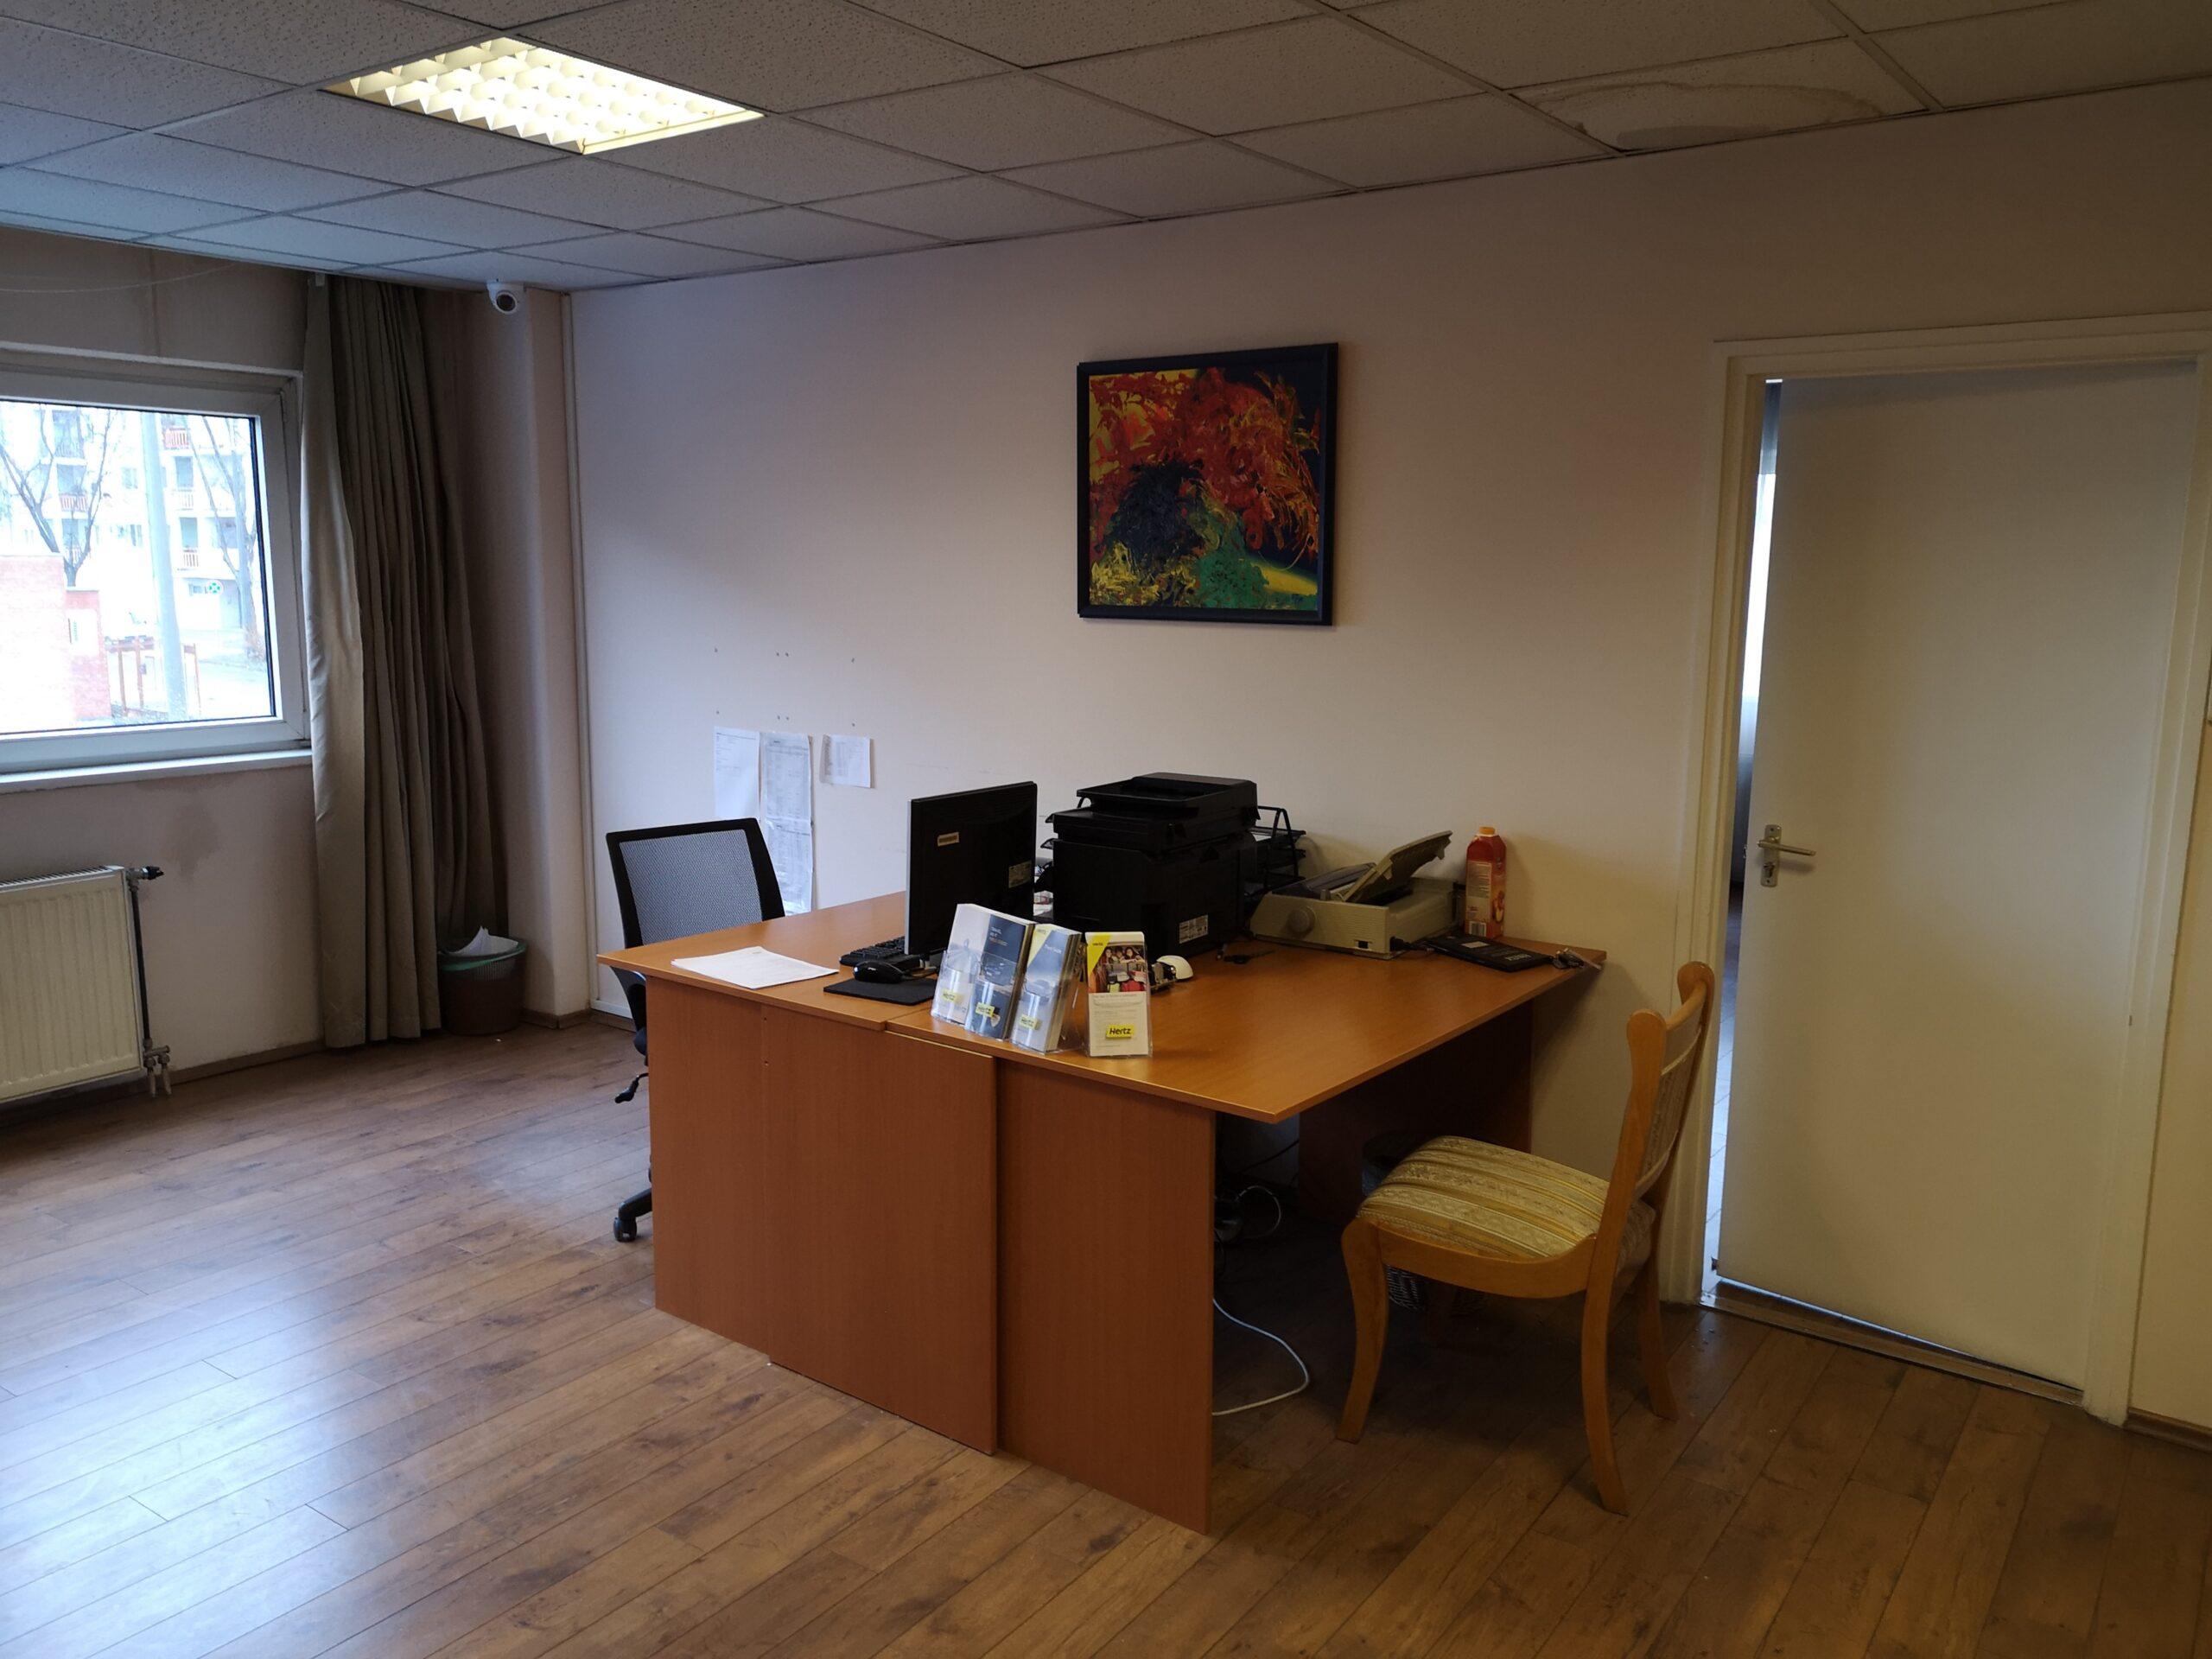 Kecskemét Office